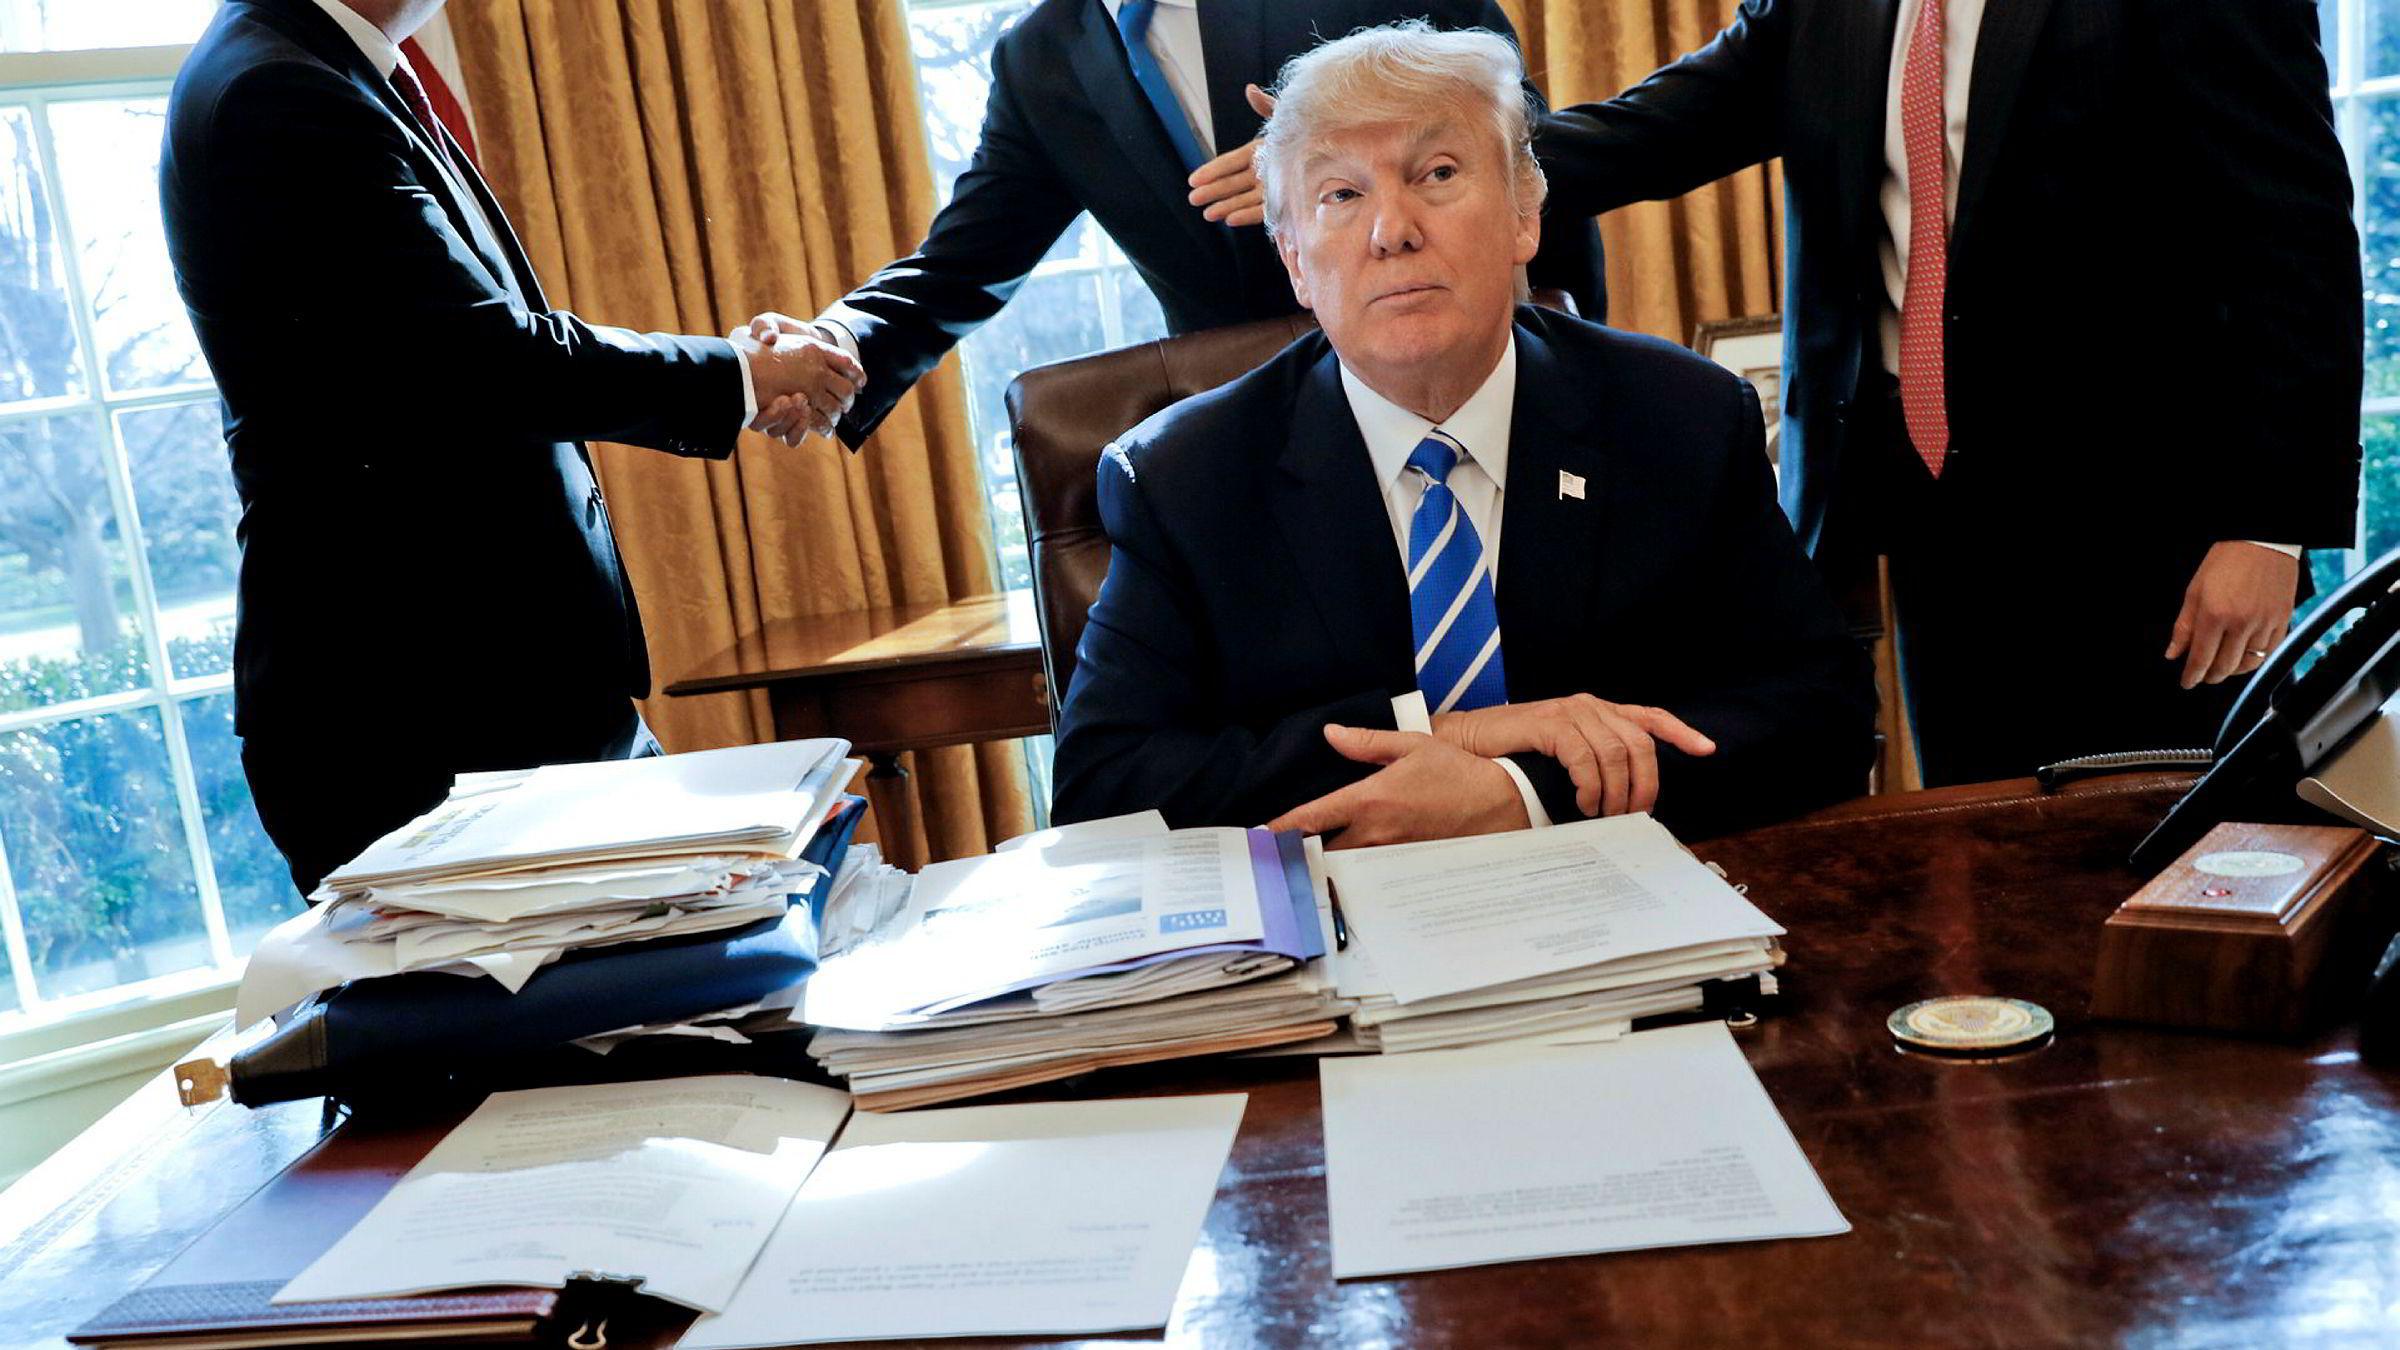 Min spådom er at Trumponomics ikke kommer til å bli en suksess. En periode kan politikken likevel tenkes å få bredere oppslutning, skriver Steinar Juel.